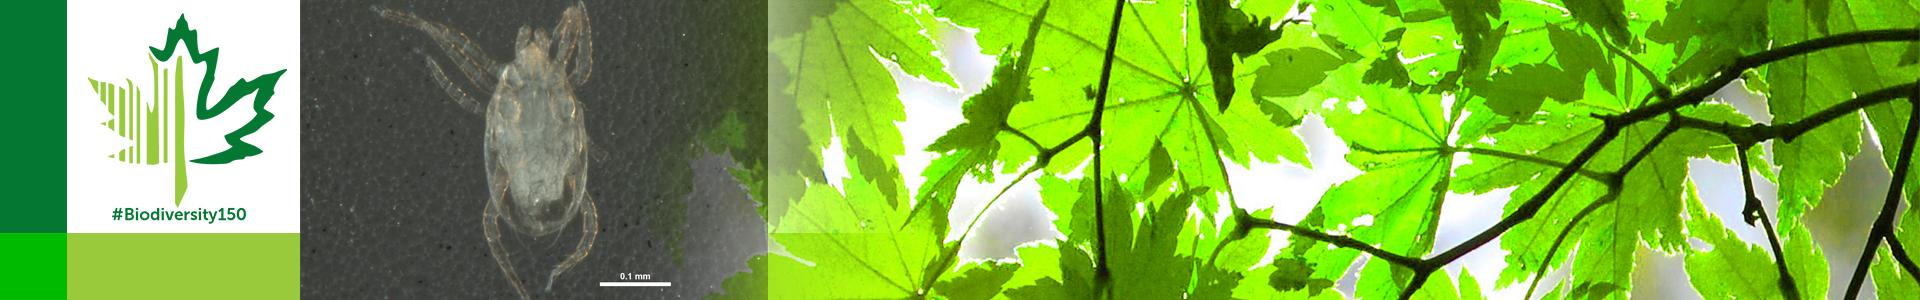 #Biodiversity150 number 25 of 150 predatory plant mite Typhlodromus pyri